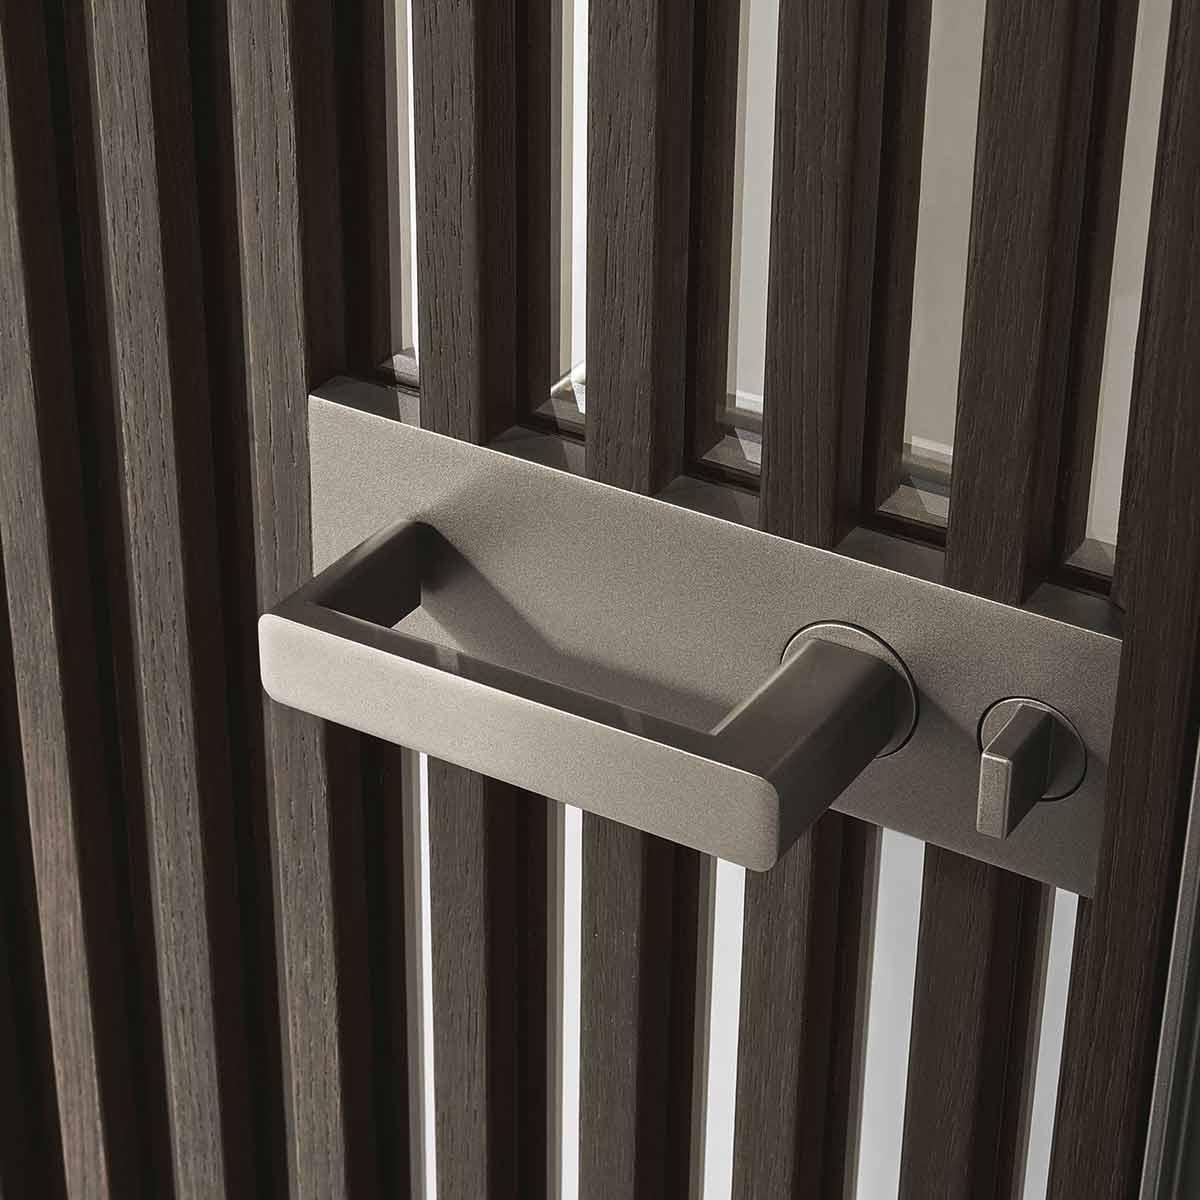 puertas-elegantes-rimadesio-vitoria-oscar-lacuesta